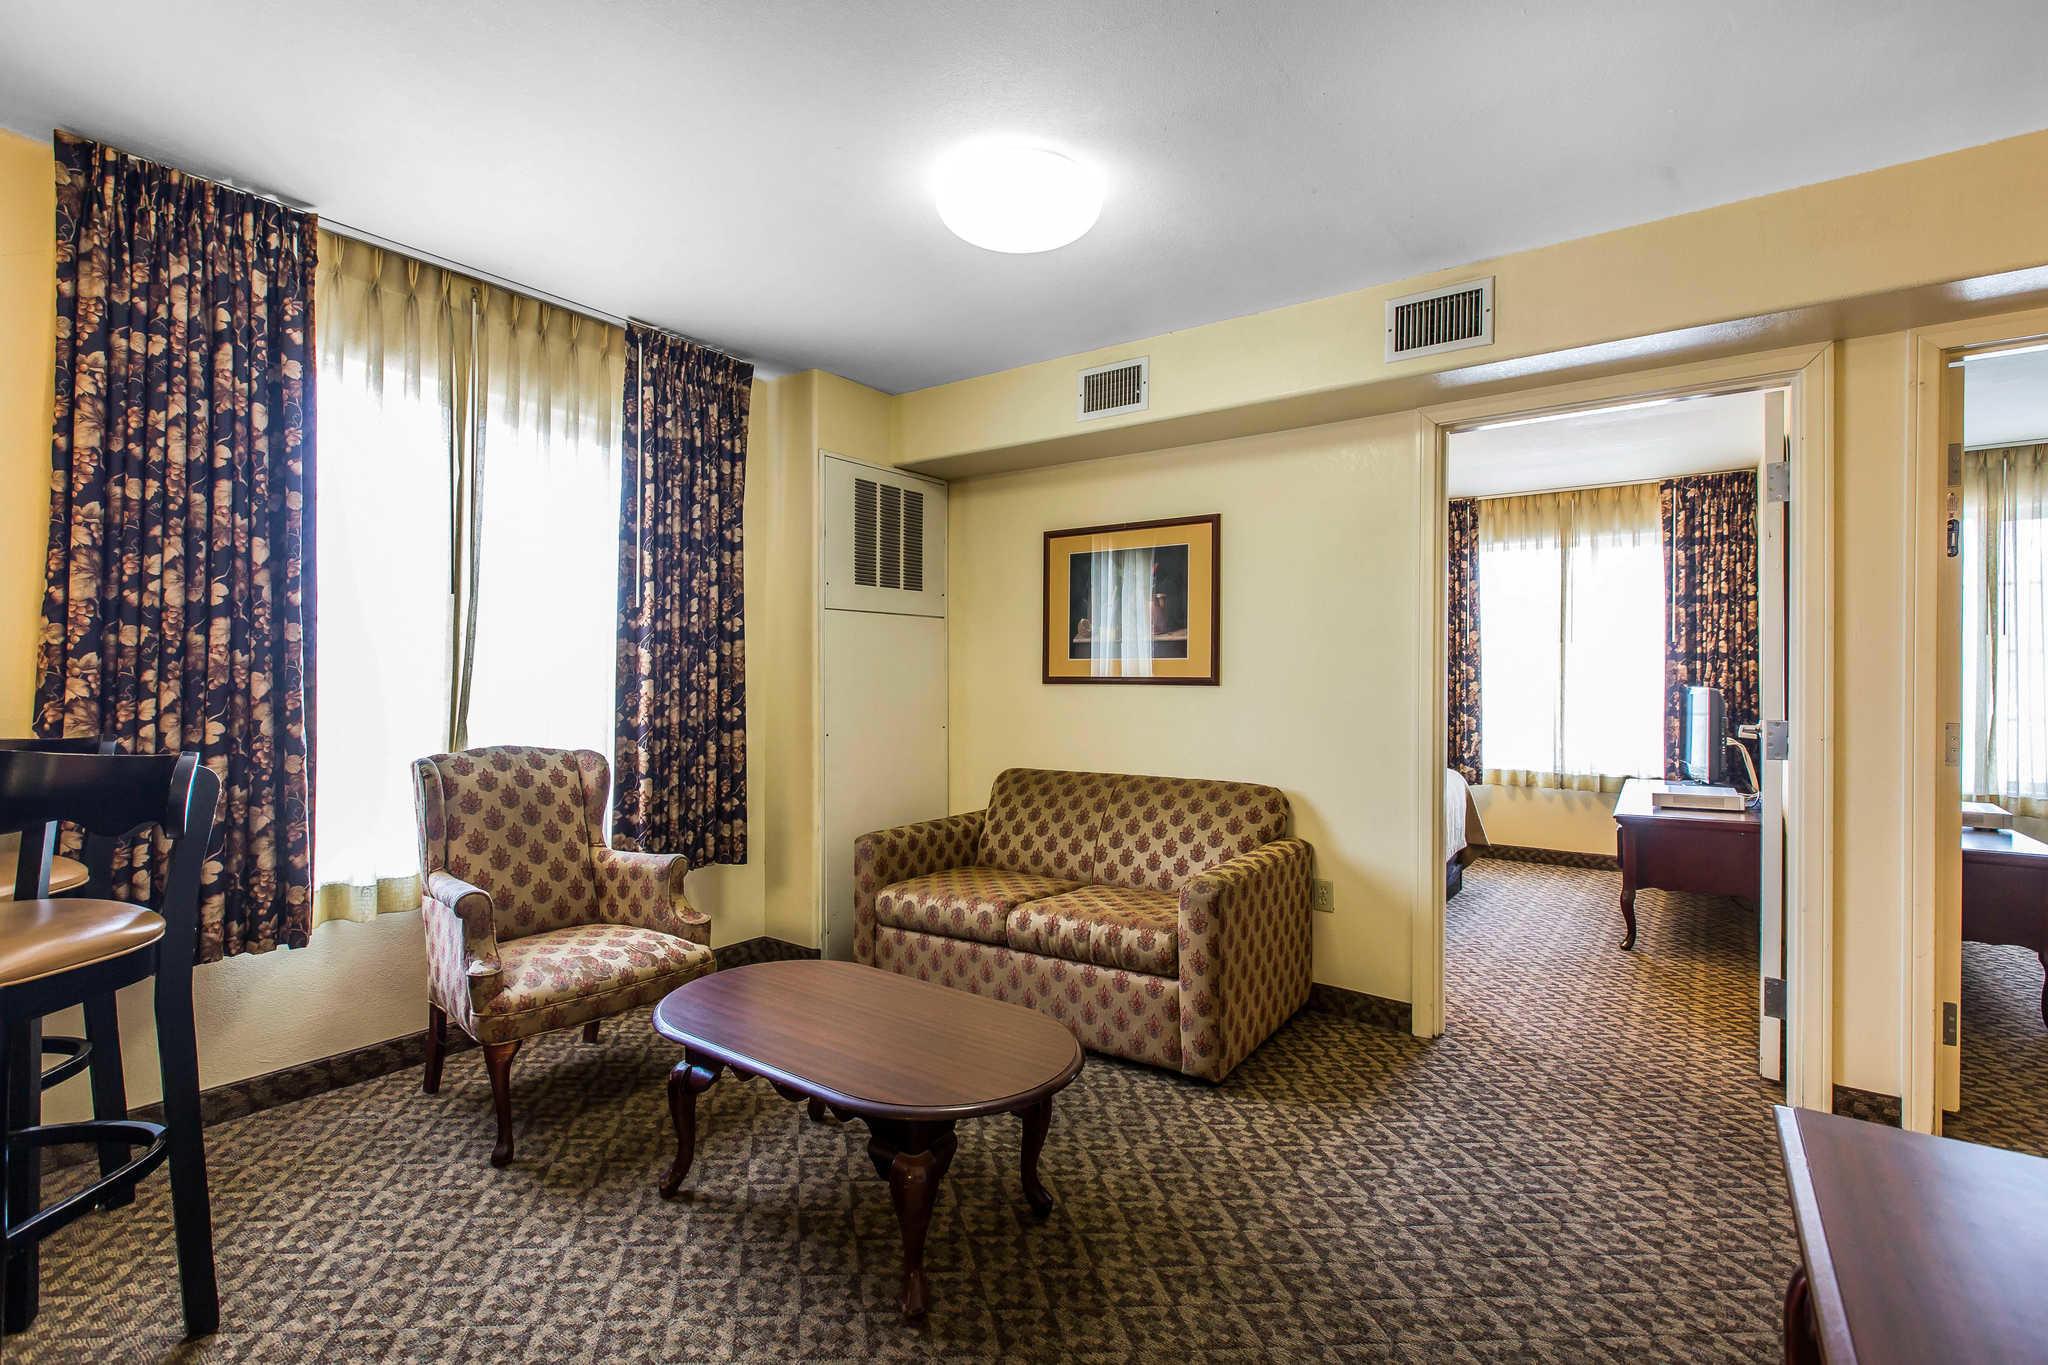 Comfort Inn & Suites El Centro I-8 image 13